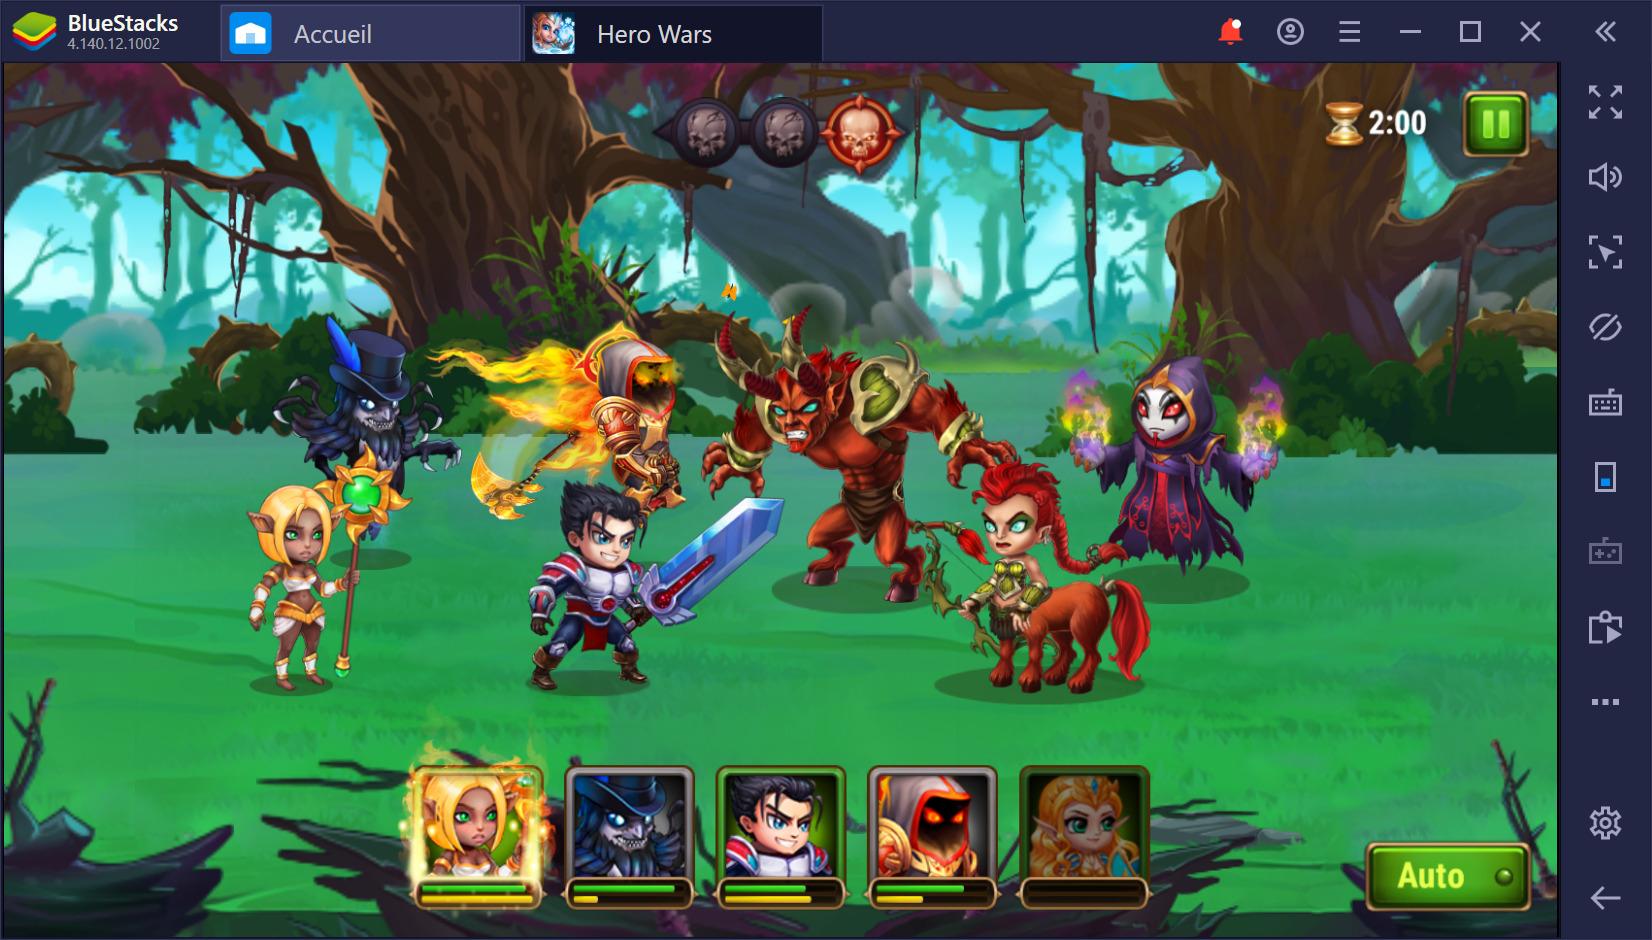 Sélectionnez les meilleurs héros et utilisez tout leur potentiel dans Hero Wars sur PC